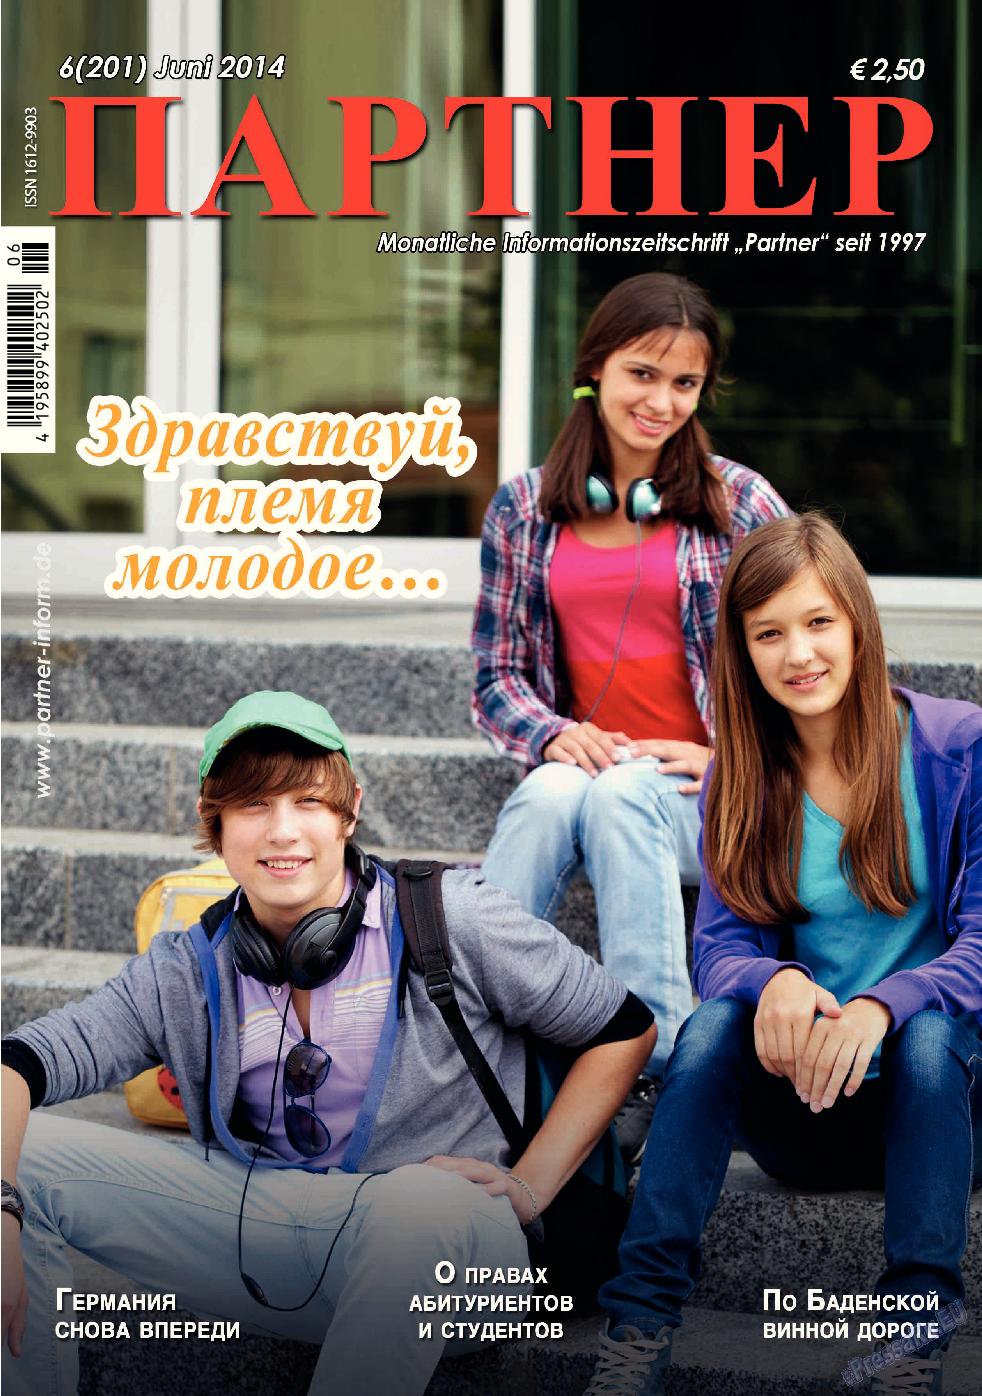 Партнер (журнал). 2014 год, номер 6, стр. 1